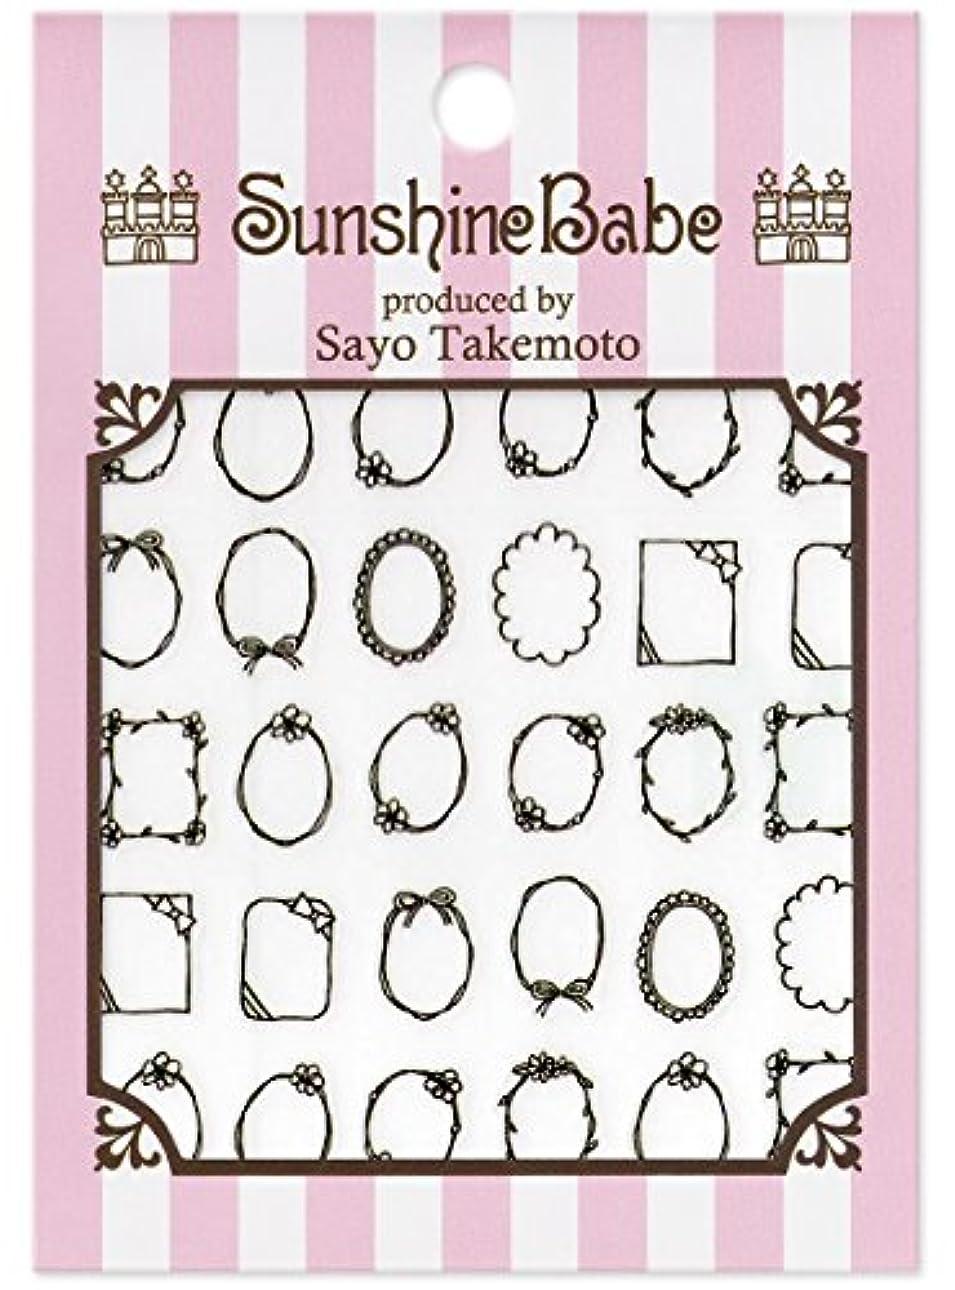 バイアスシソーラス後者サンシャインベビー ネイルシール 武本小夜の Sayo Style 手描きフレーム(ブラック)